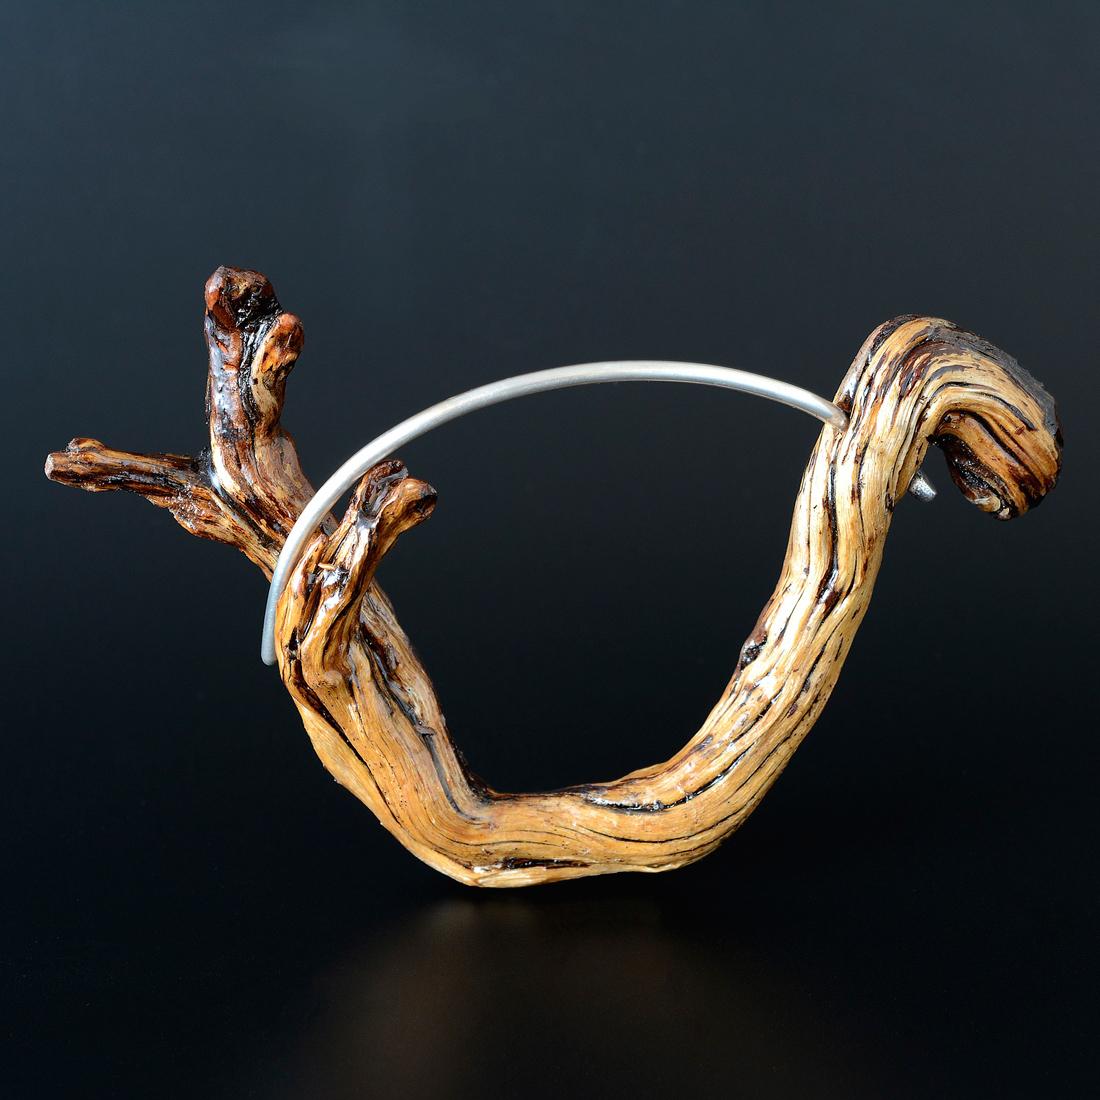 Wood Bangle Bracelet  Wood, sterling